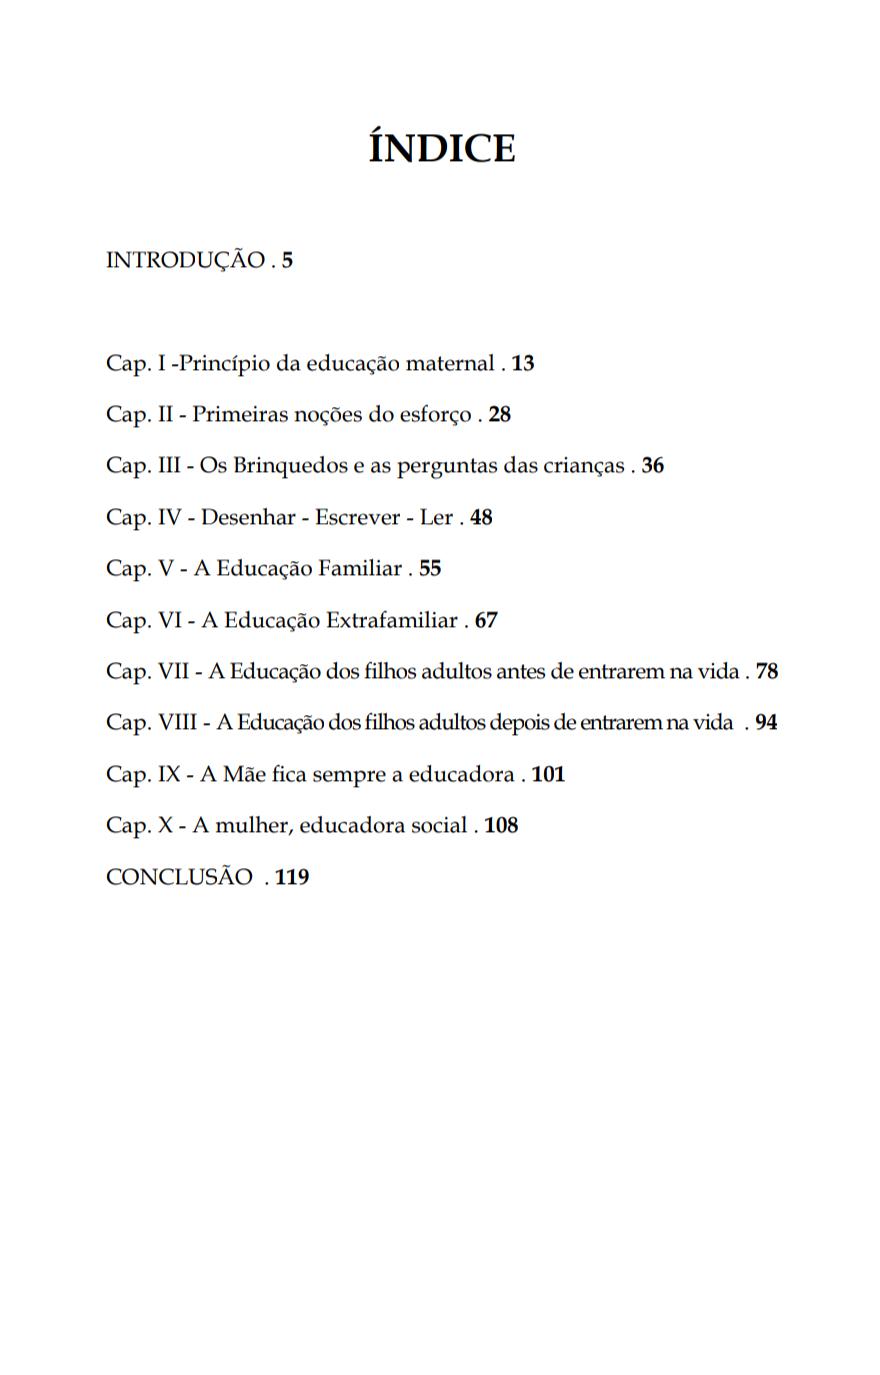 O Livro da Educadora